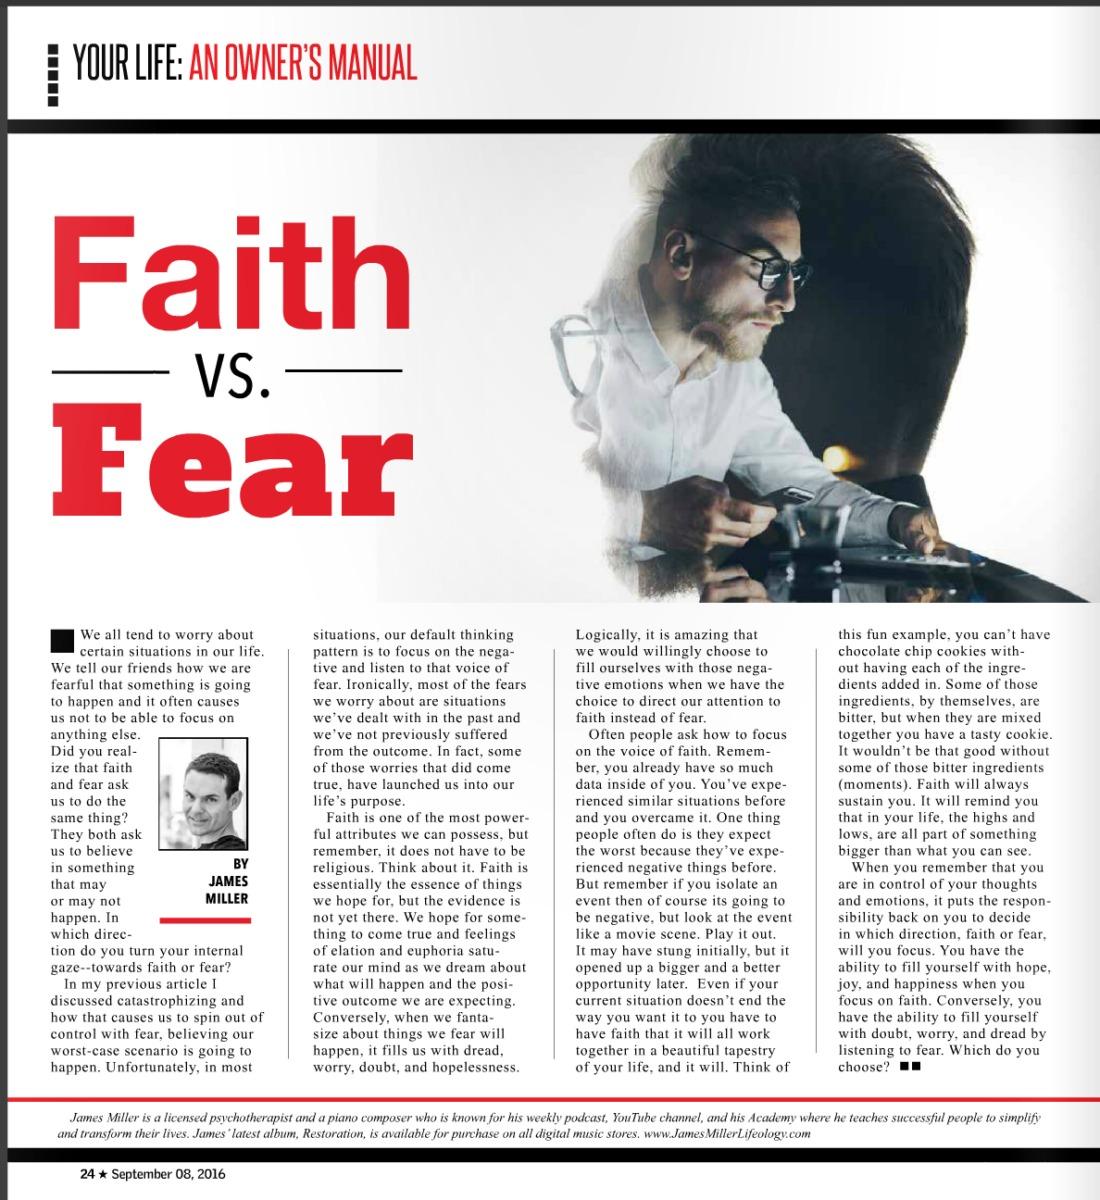 faith-vs-fear